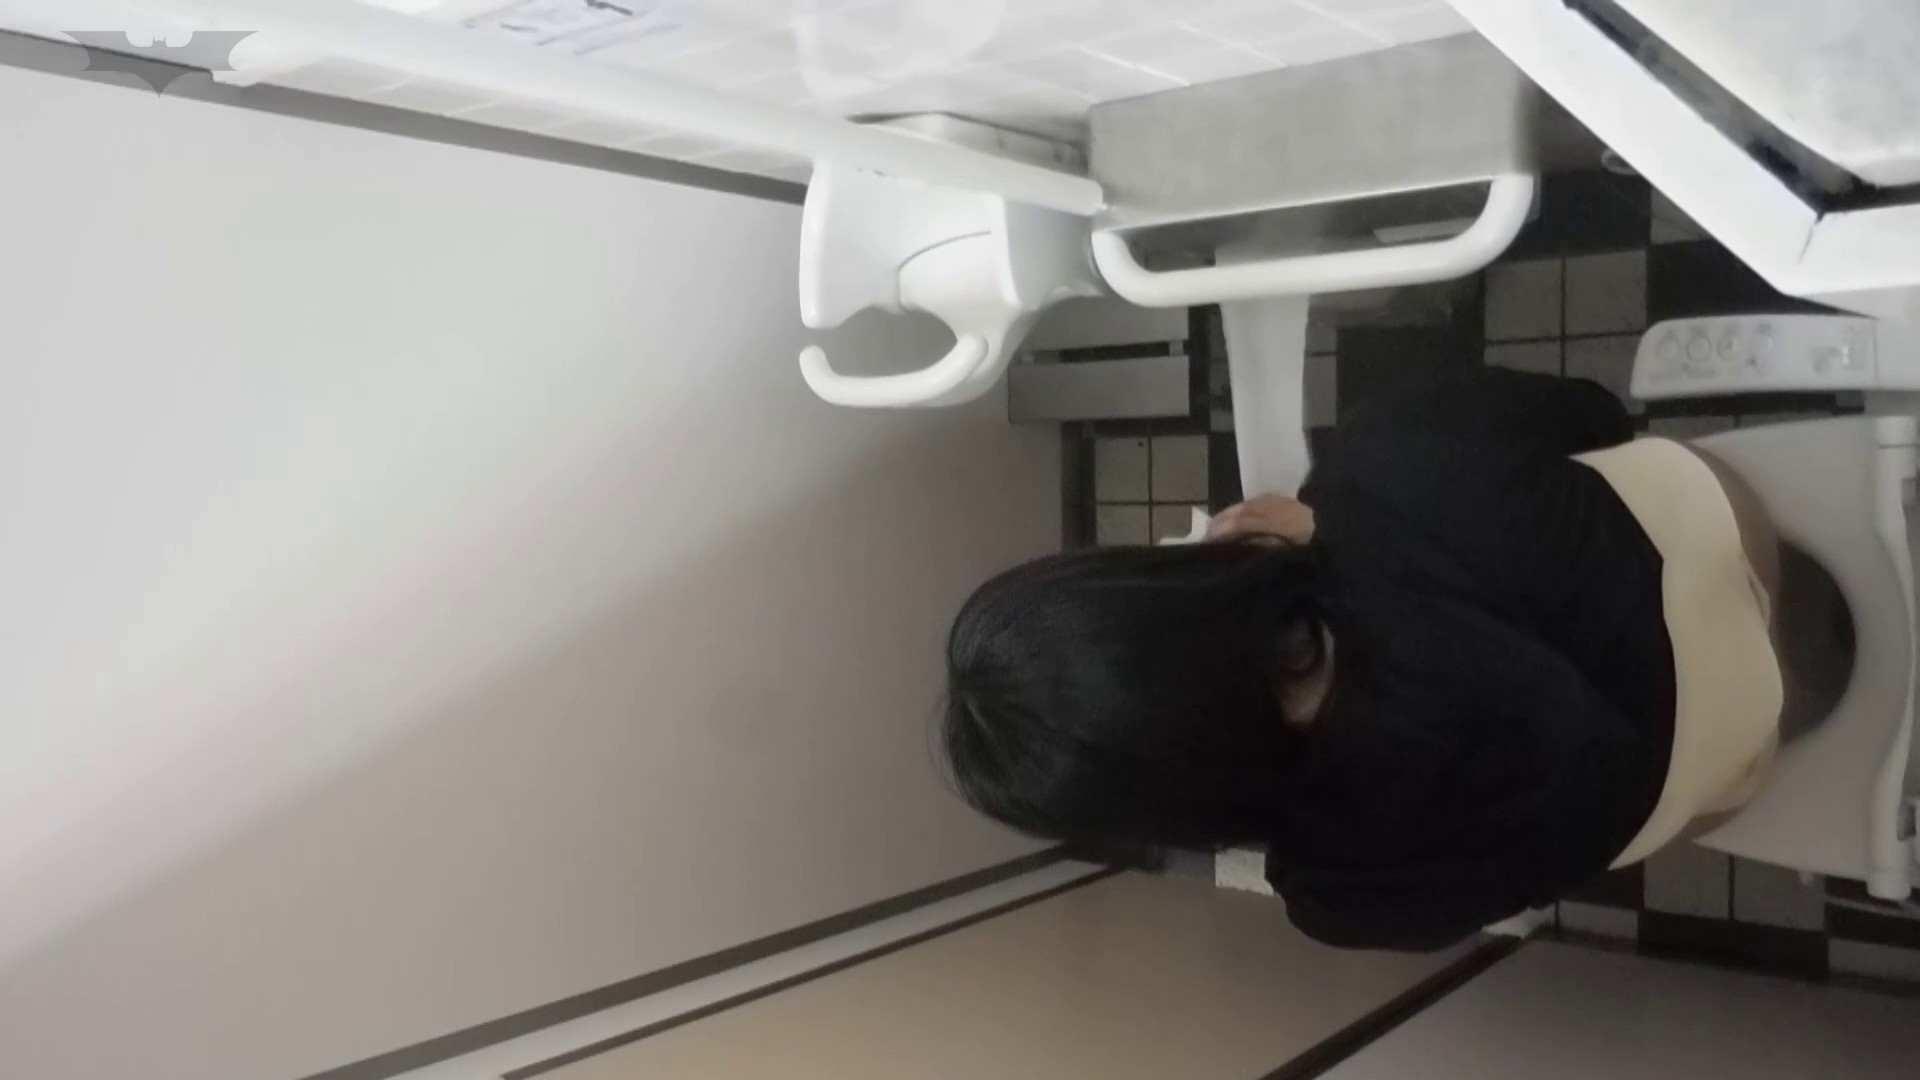 化粧室絵巻 駅舎編 VOL.20 今回は・・・ファッ!! OL  113pic 37